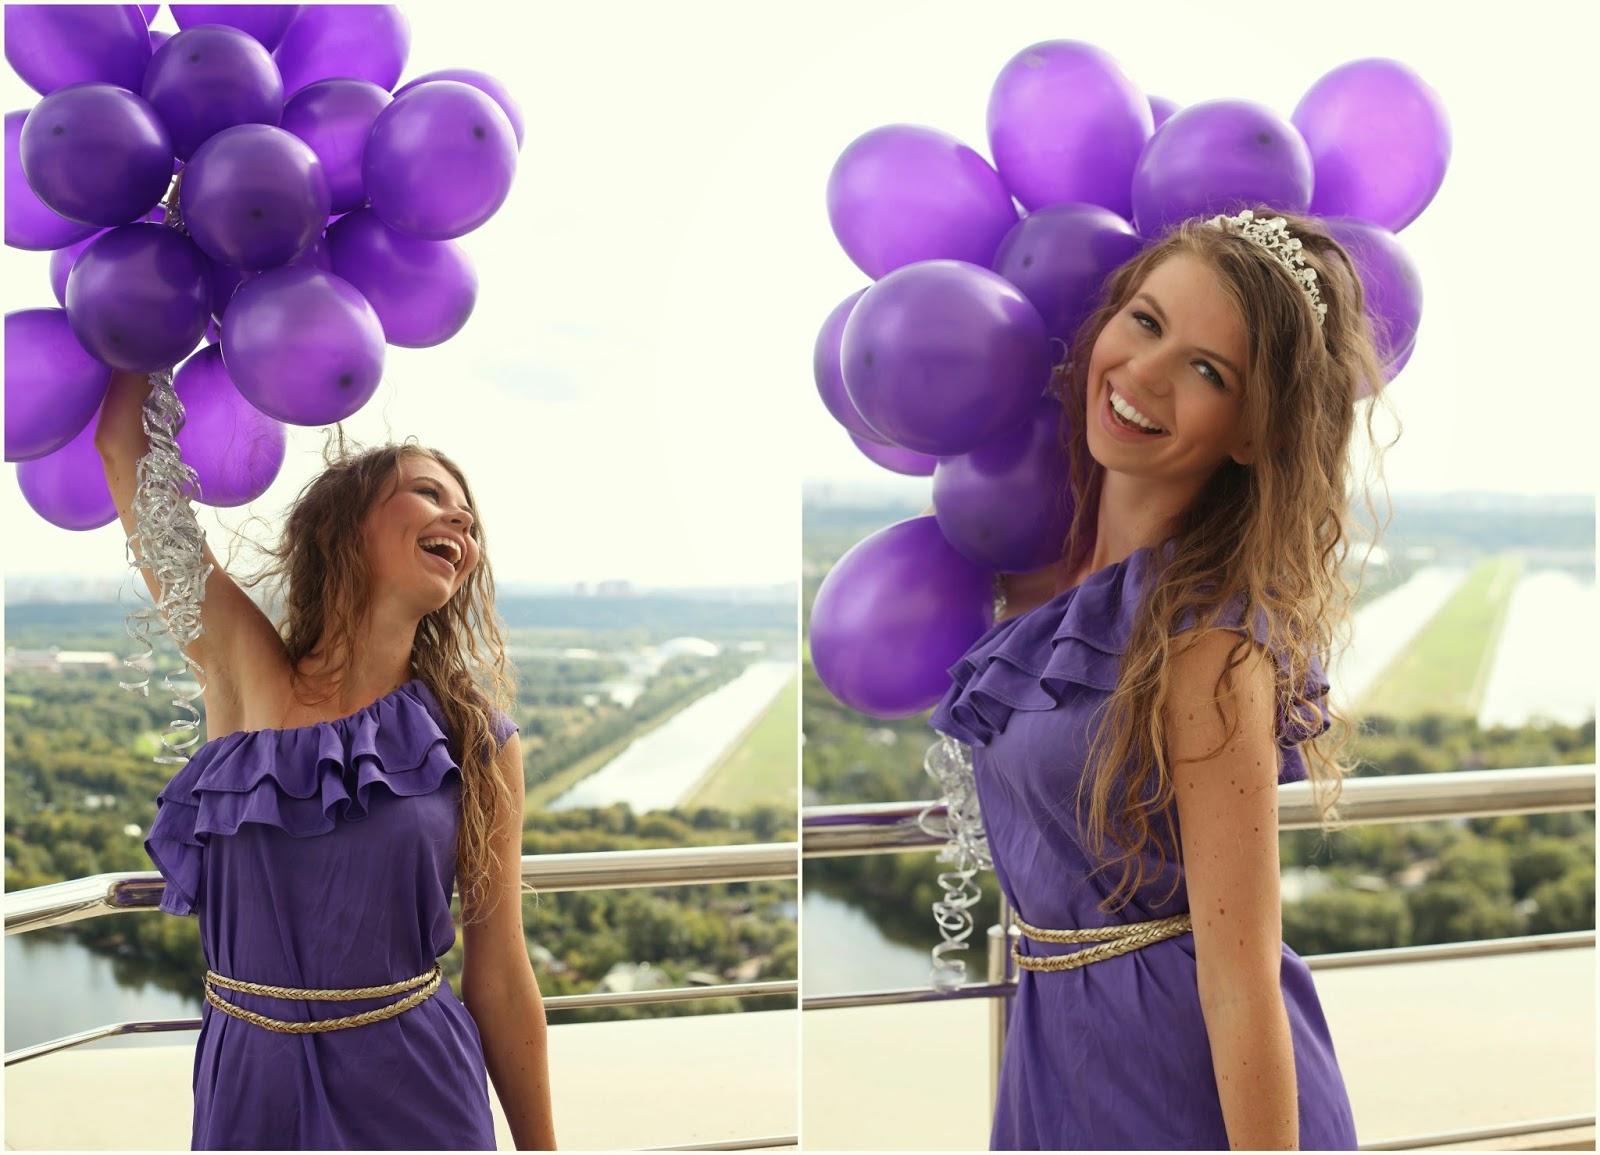 фото с воздушными шариками